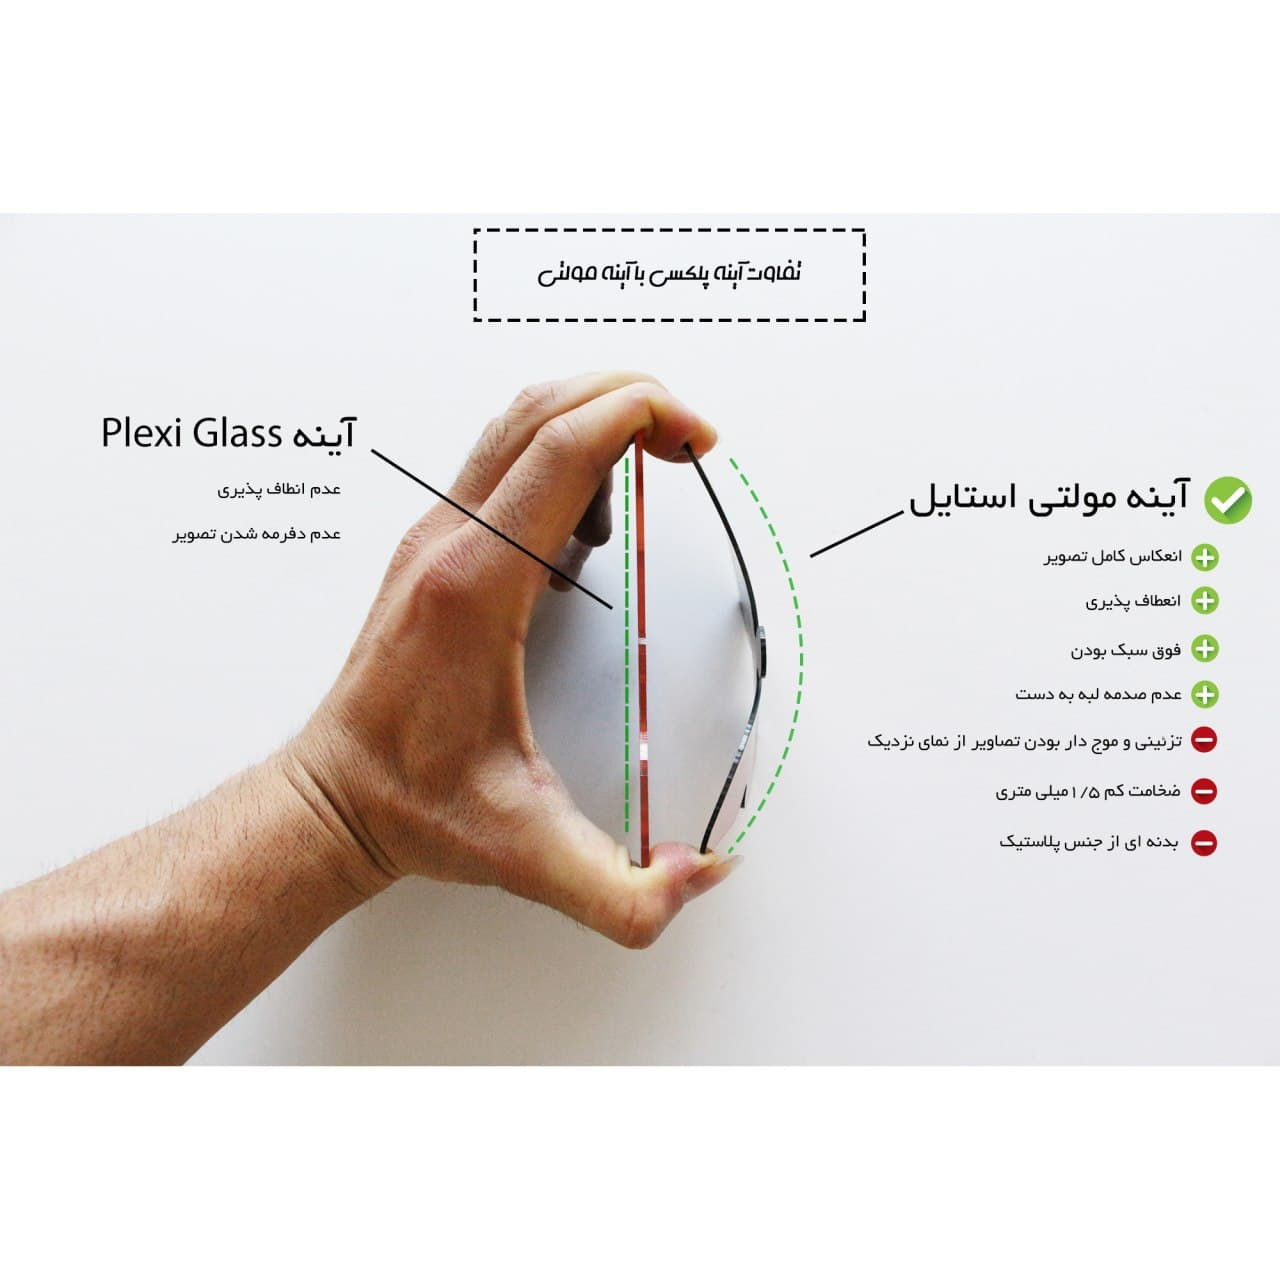 تفاوت آینه پلکسی گلاس و آینه مولتی استایل